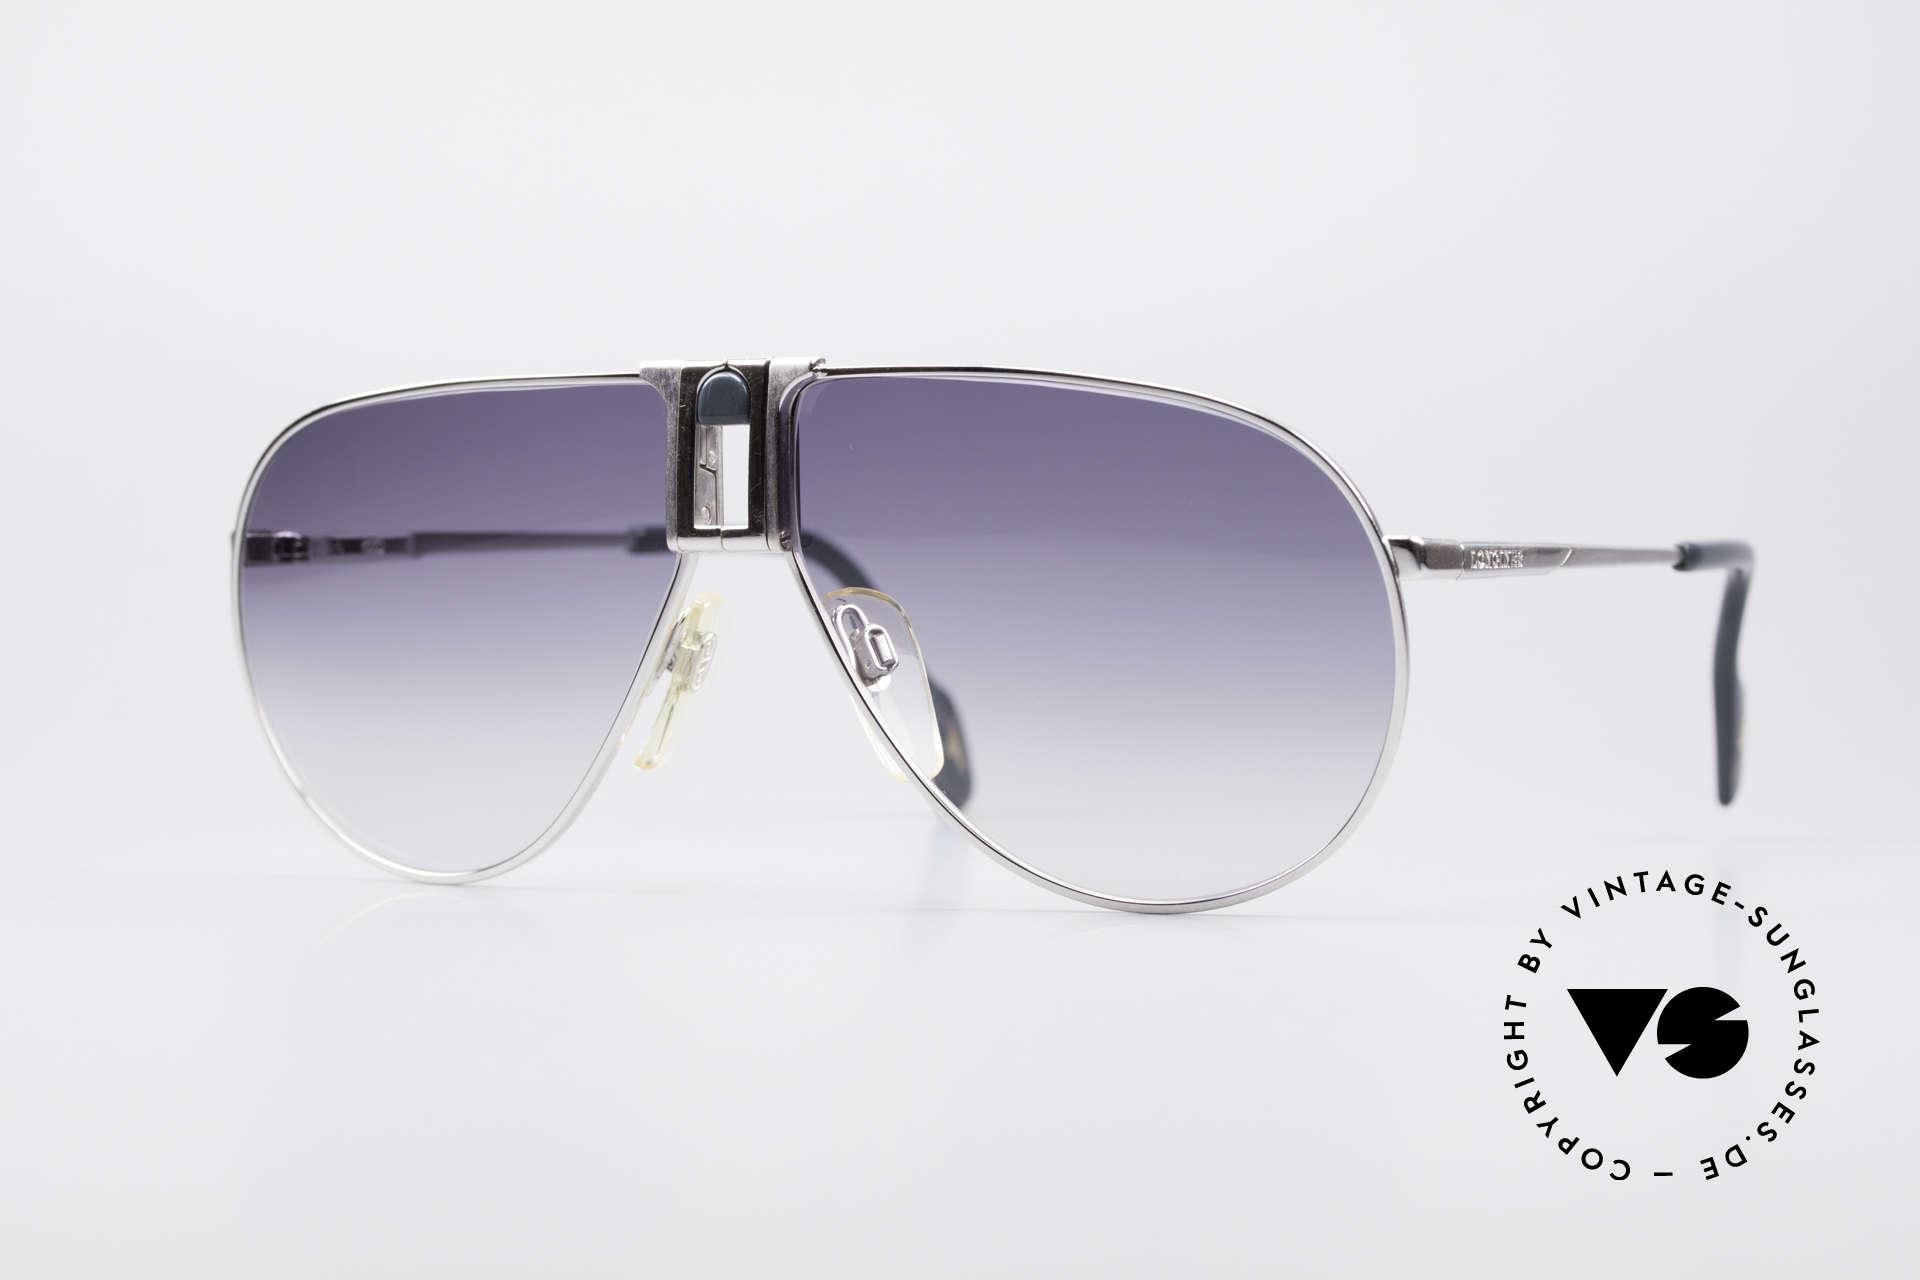 """Longines 0154 Large 80er Aviator Sonnenbrille, hochwertige vintage Longines """"Aviator""""-Sonnenbrille, Passend für Herren"""